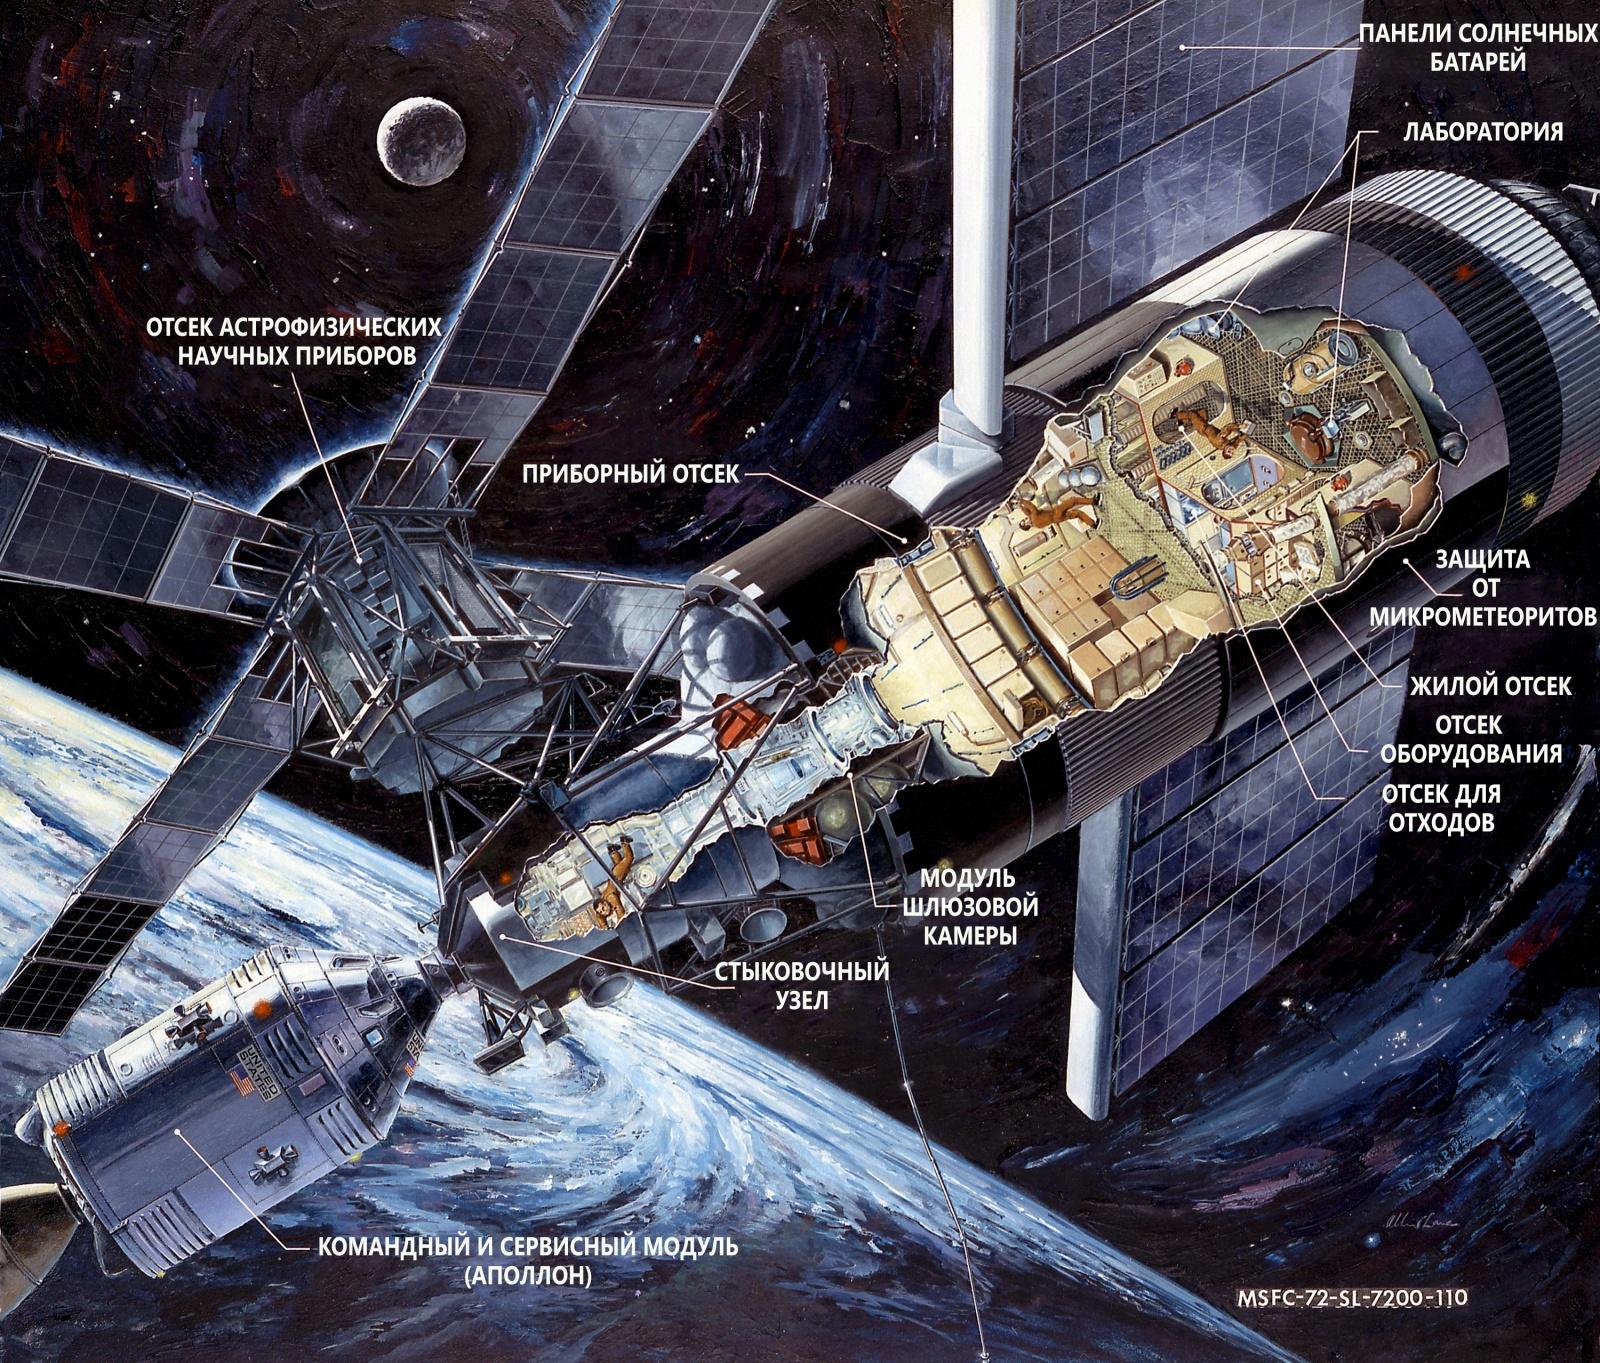 Частная компания предлагает реализовать идею НАСА 60-х годов прошлого века по созданию «бесплатных» орбитальных станций - 2